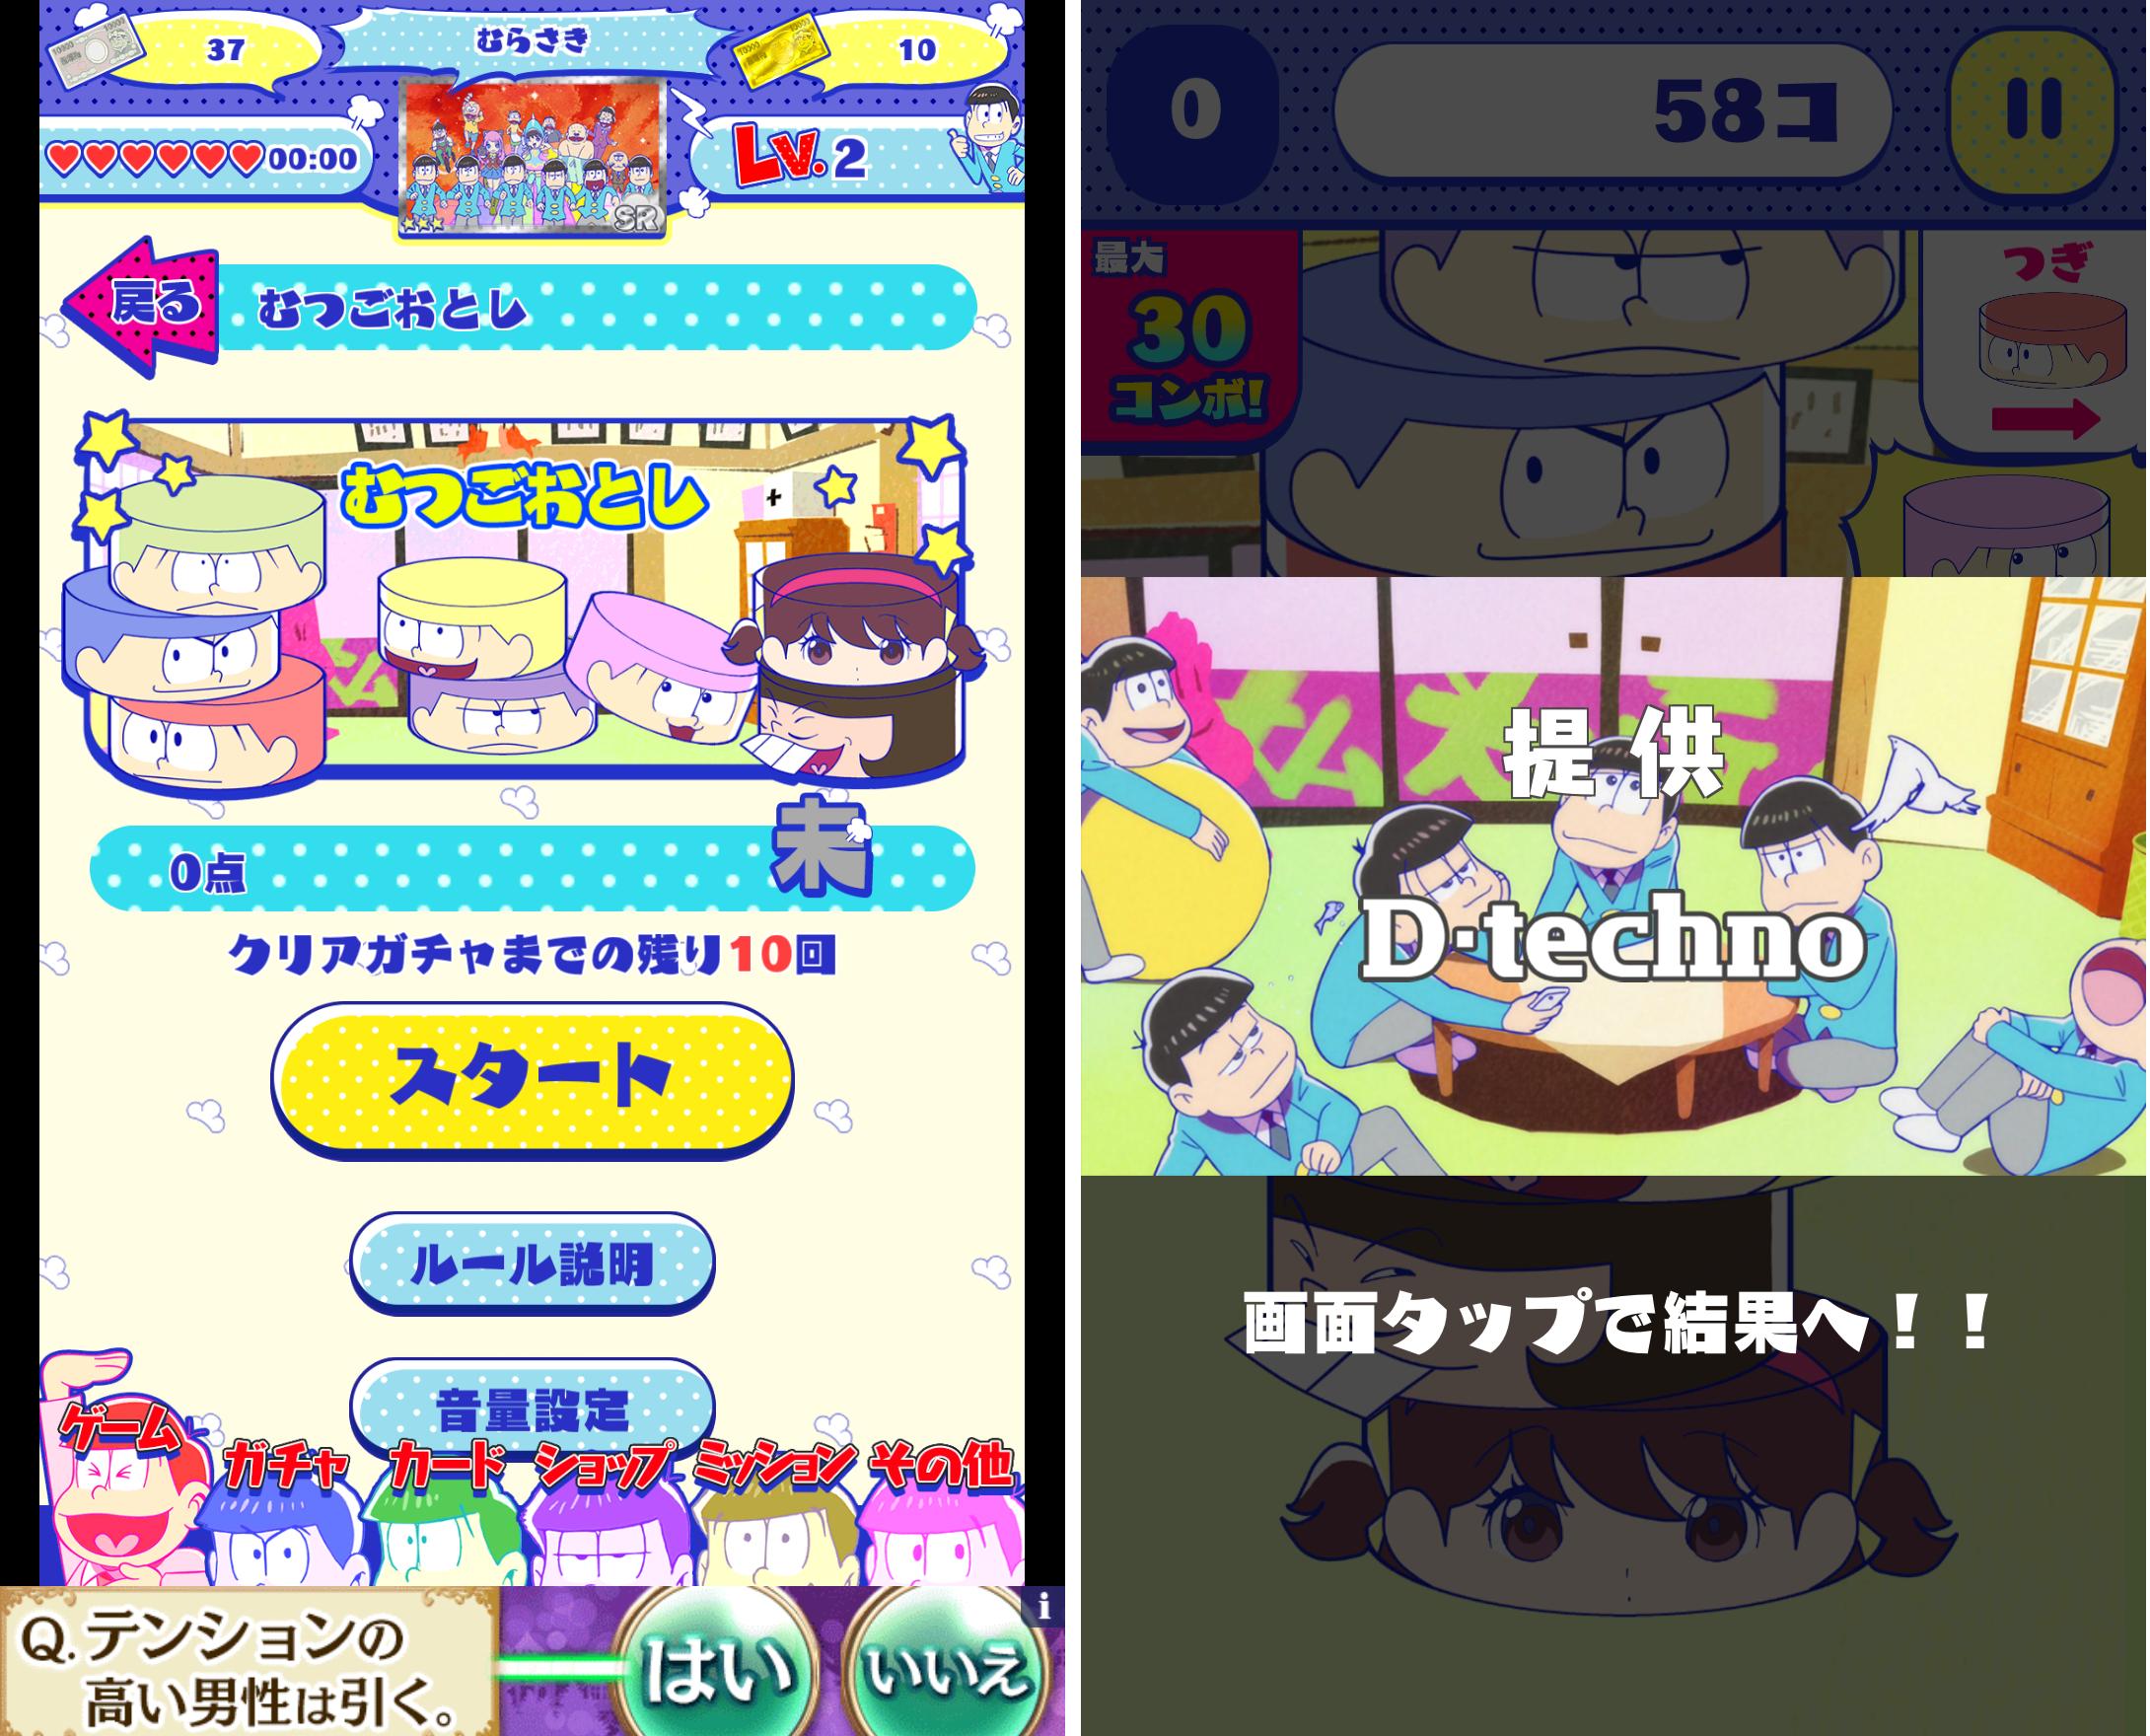 おそ松さん はちゃめちゃパーティー! androidアプリスクリーンショット2